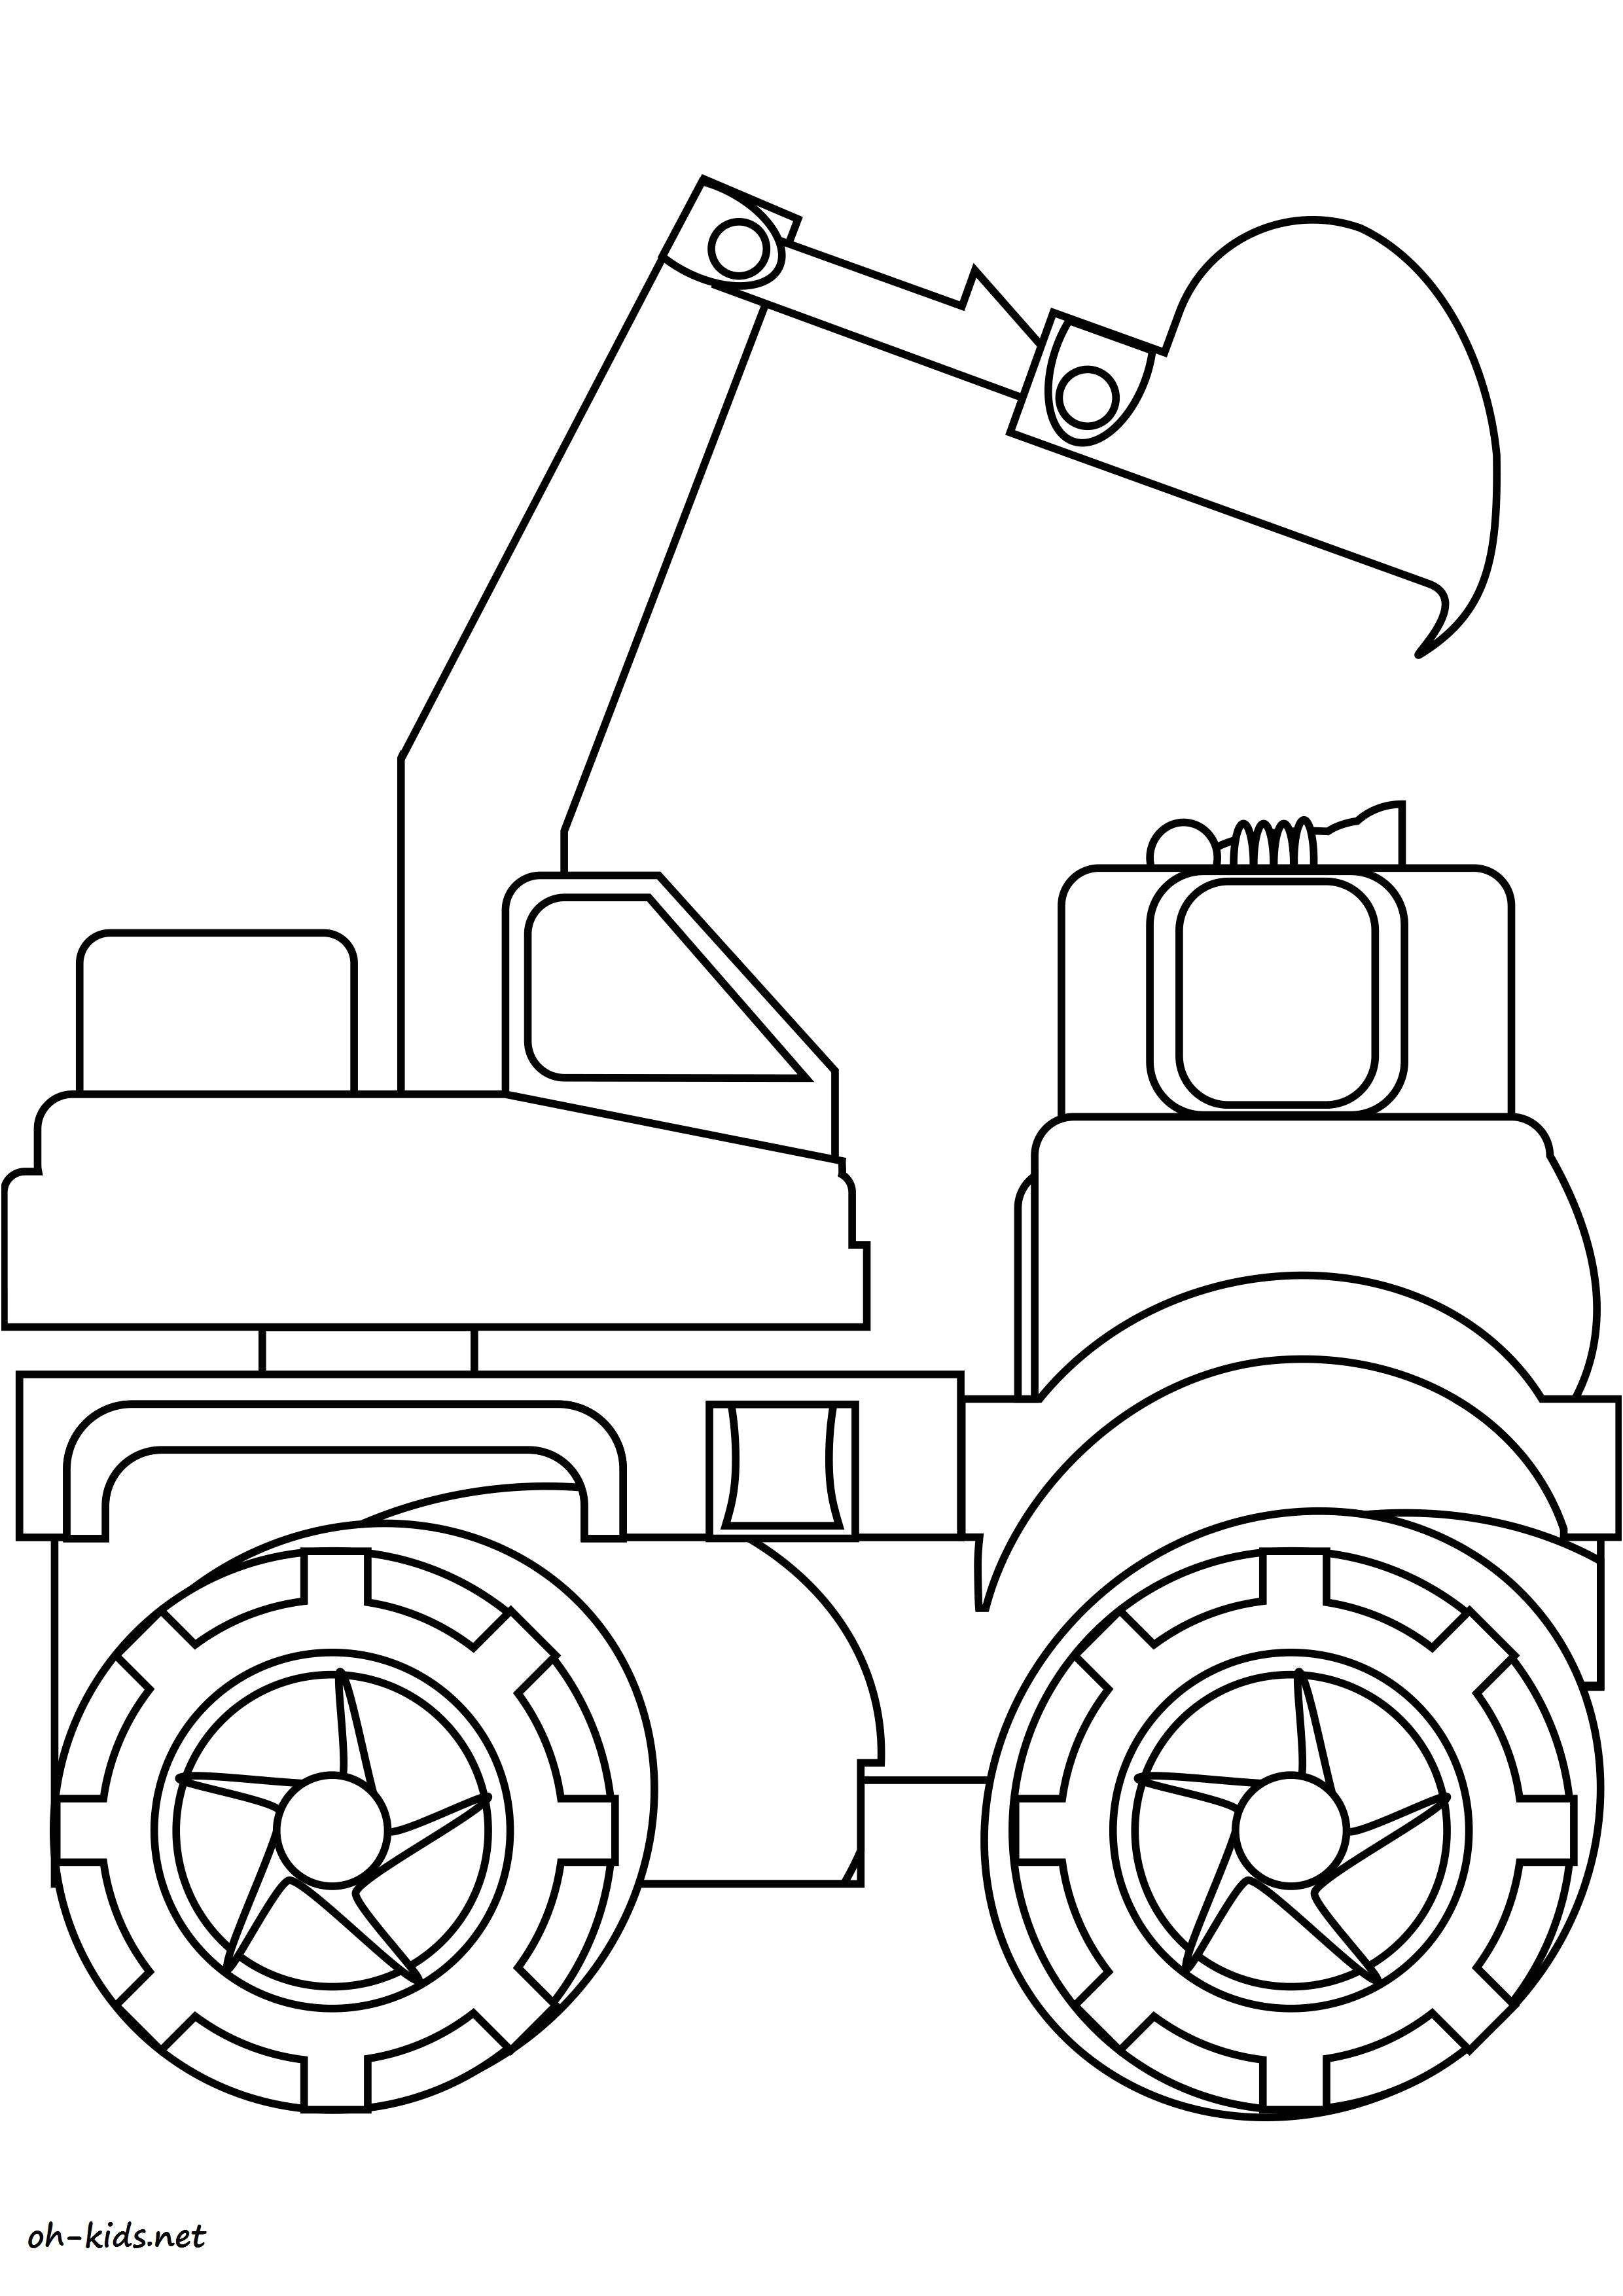 14 Largement Coloriage Tracteur Remorque Photos - Coloriage tout Dessin De Tracteur A Colorier